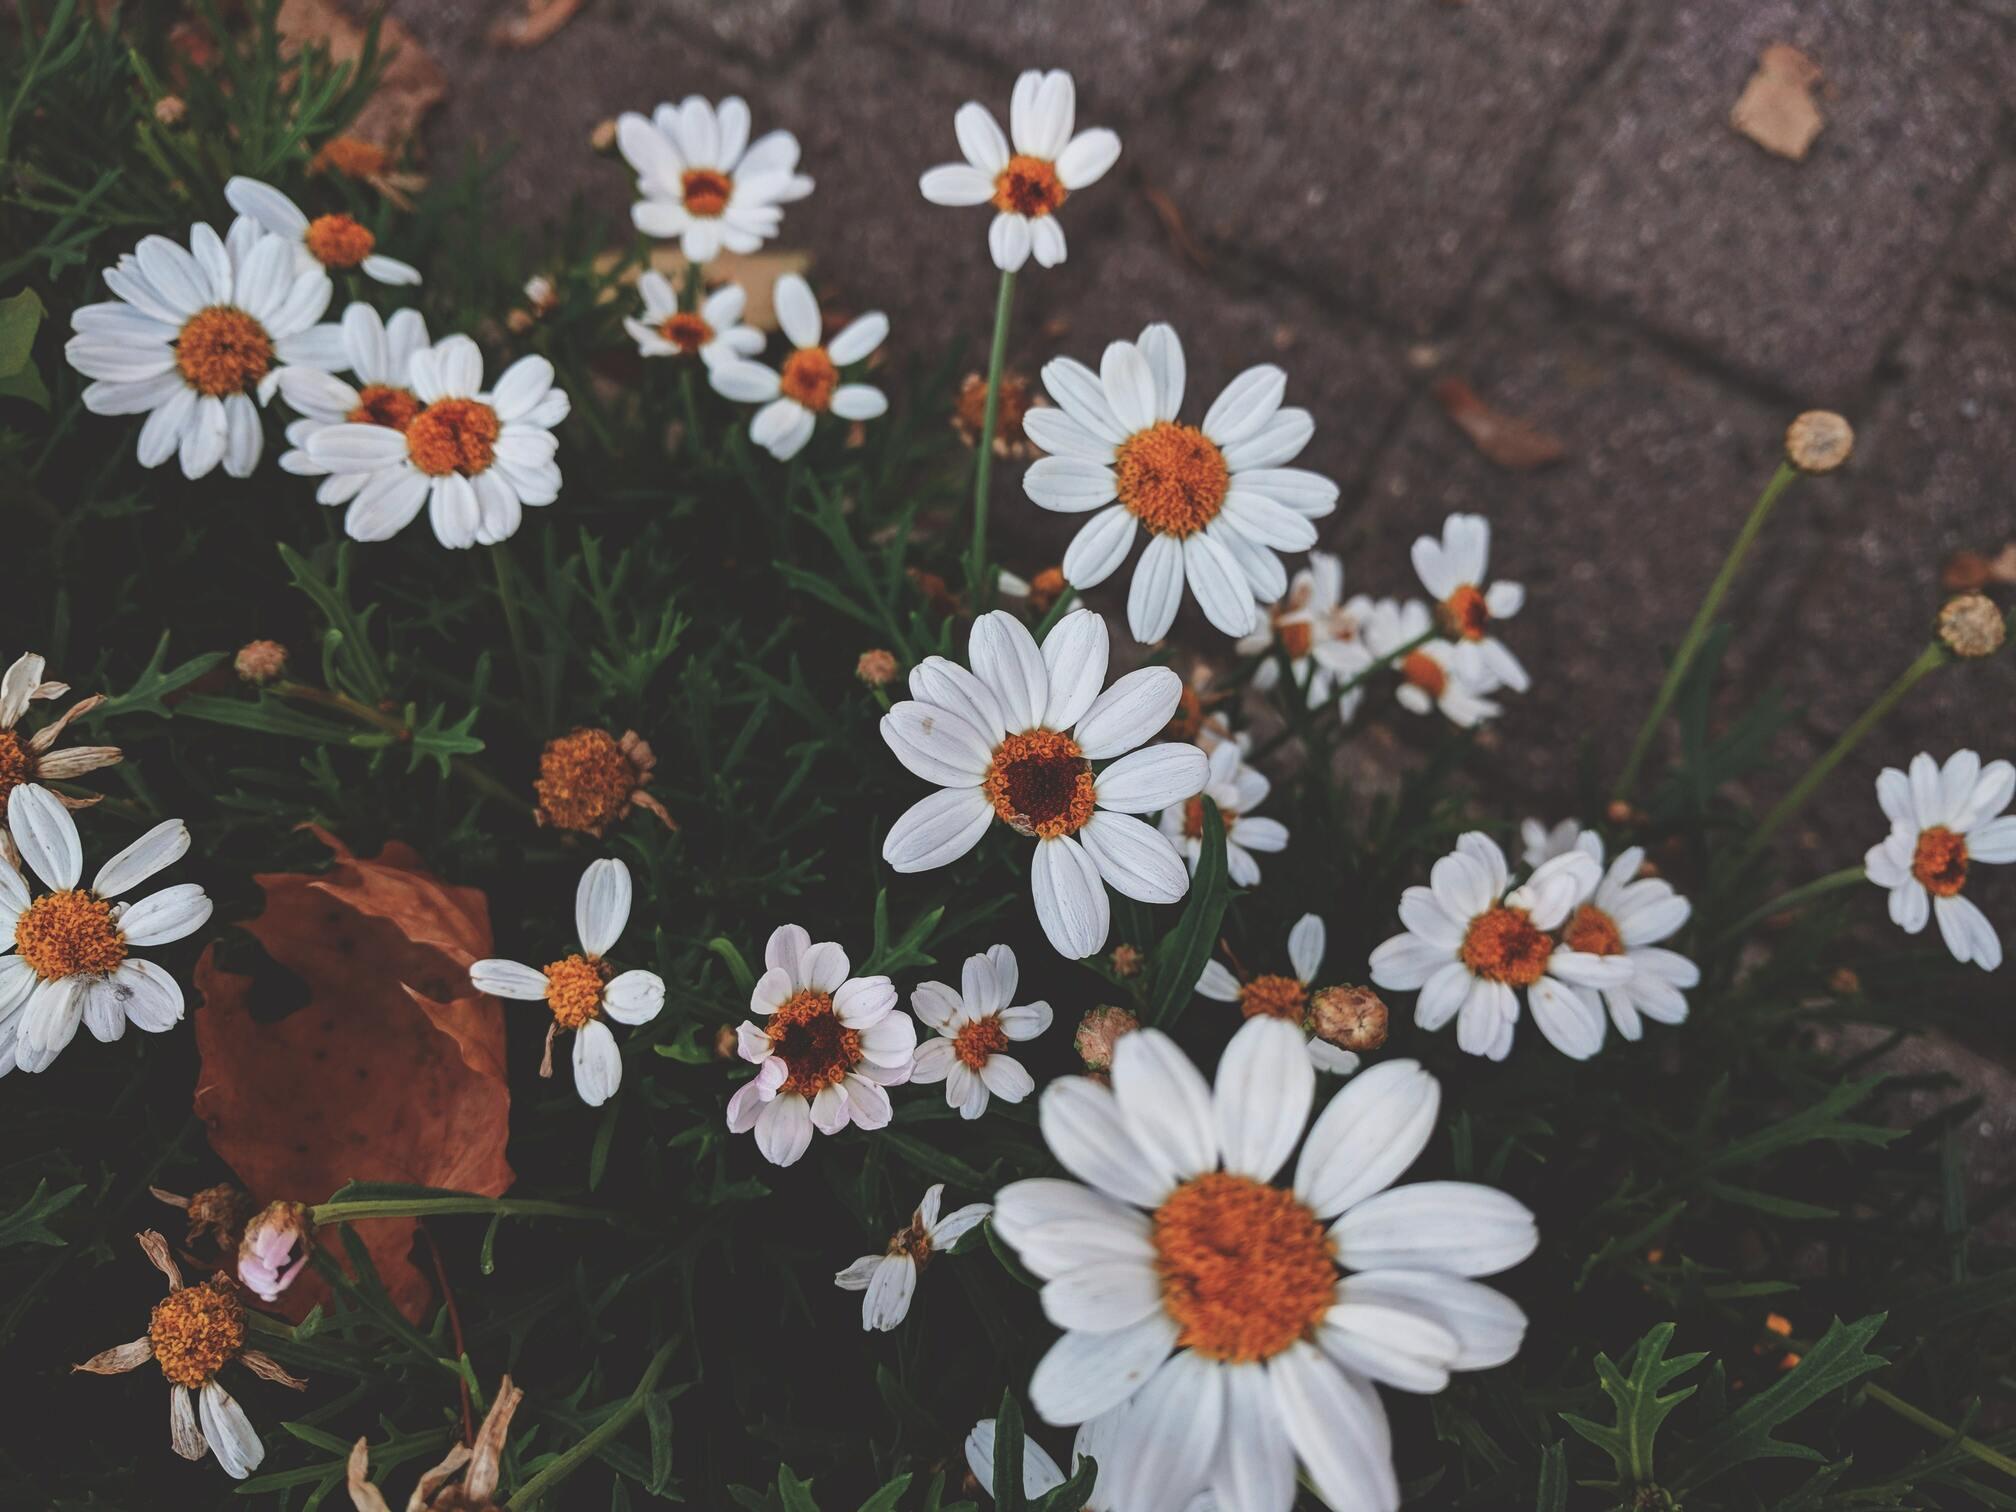 Hình ảnh bông hoa cúc hoạ mi cực đẹp